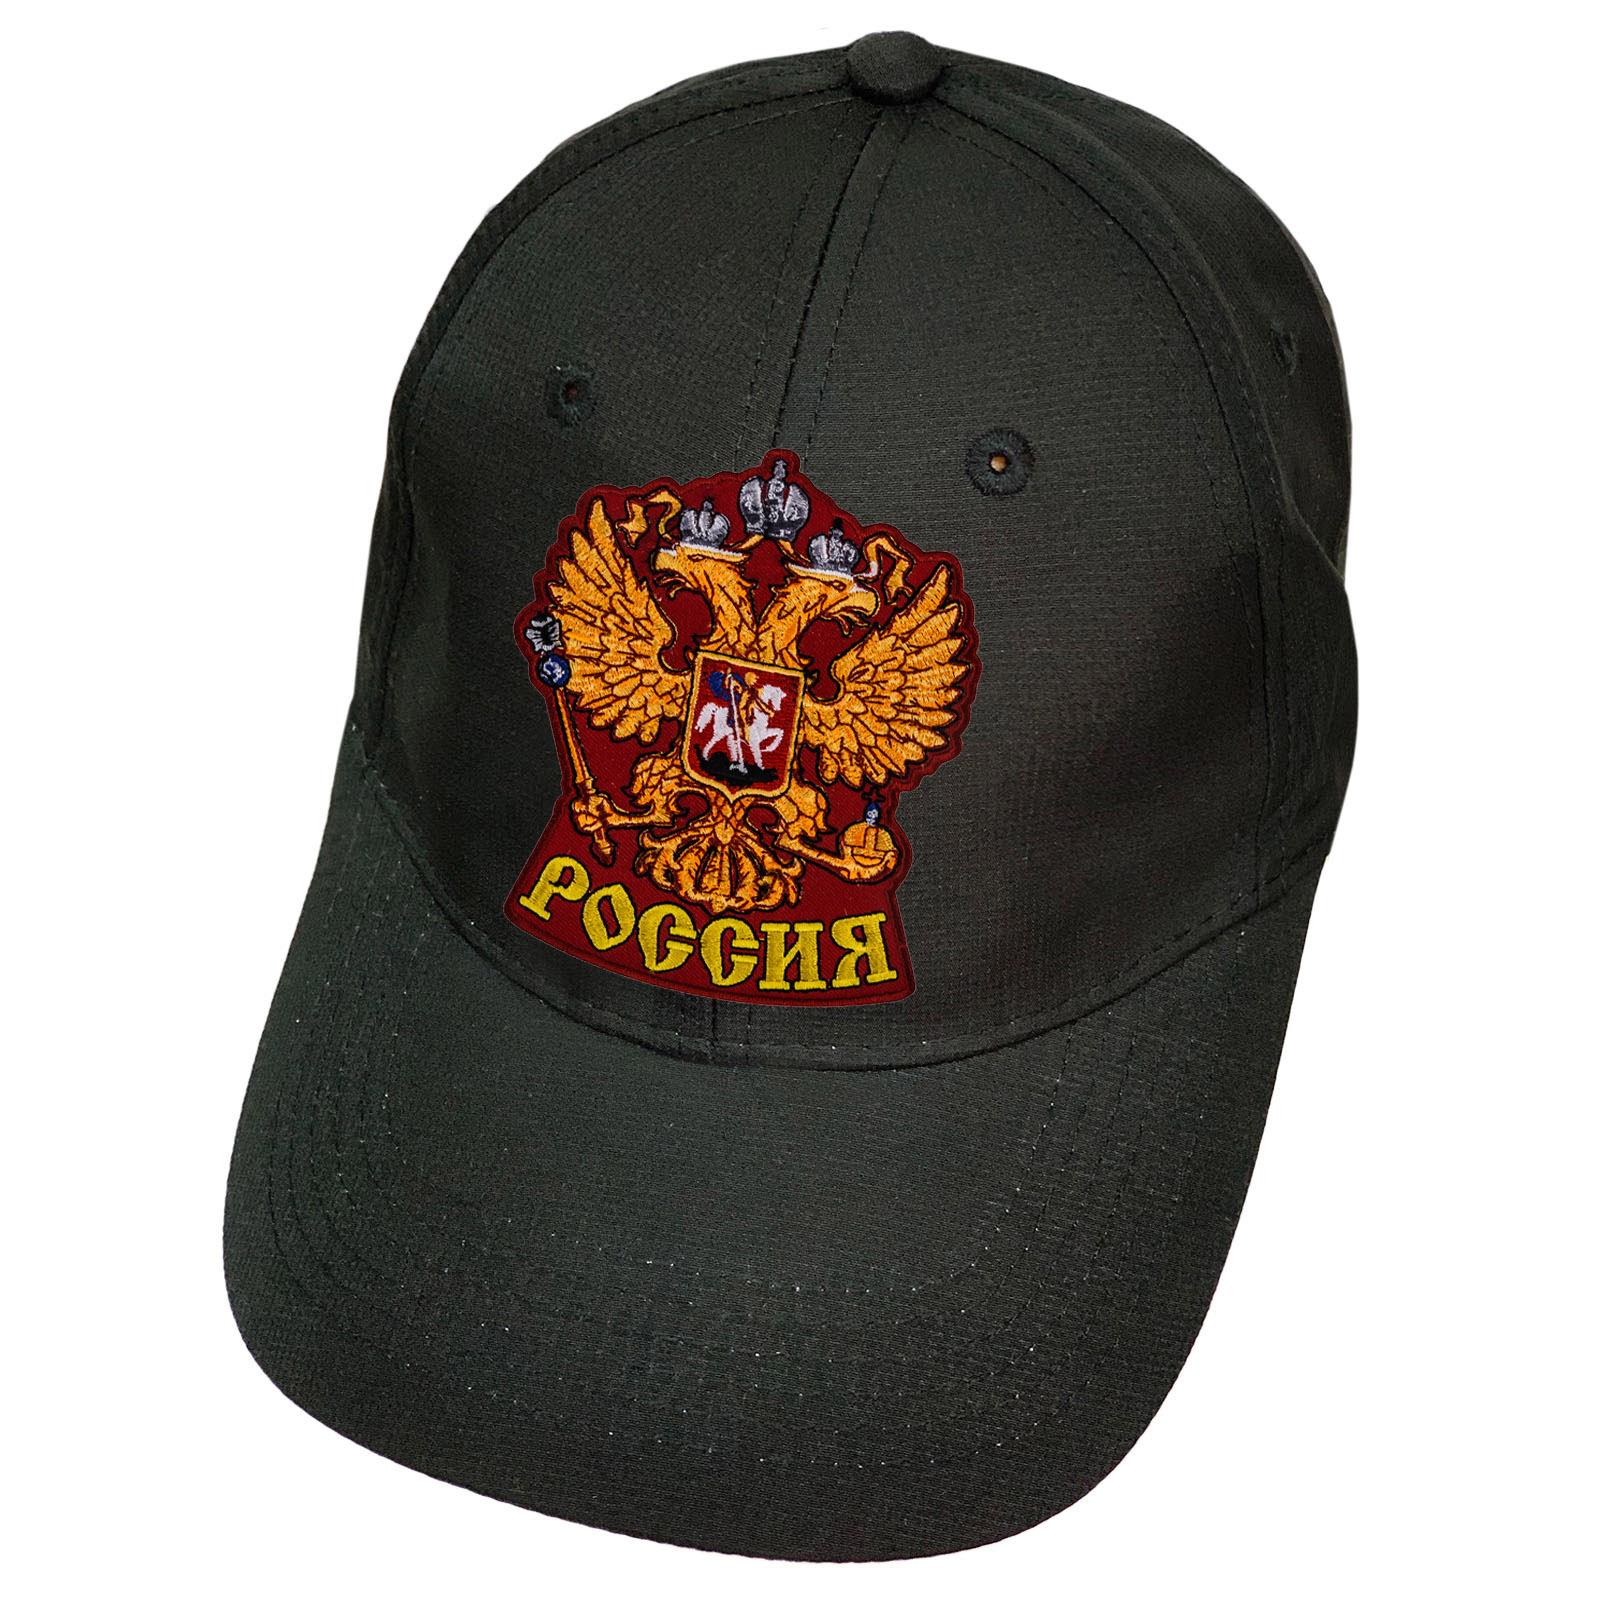 Чёрная кепка Россия с гербом